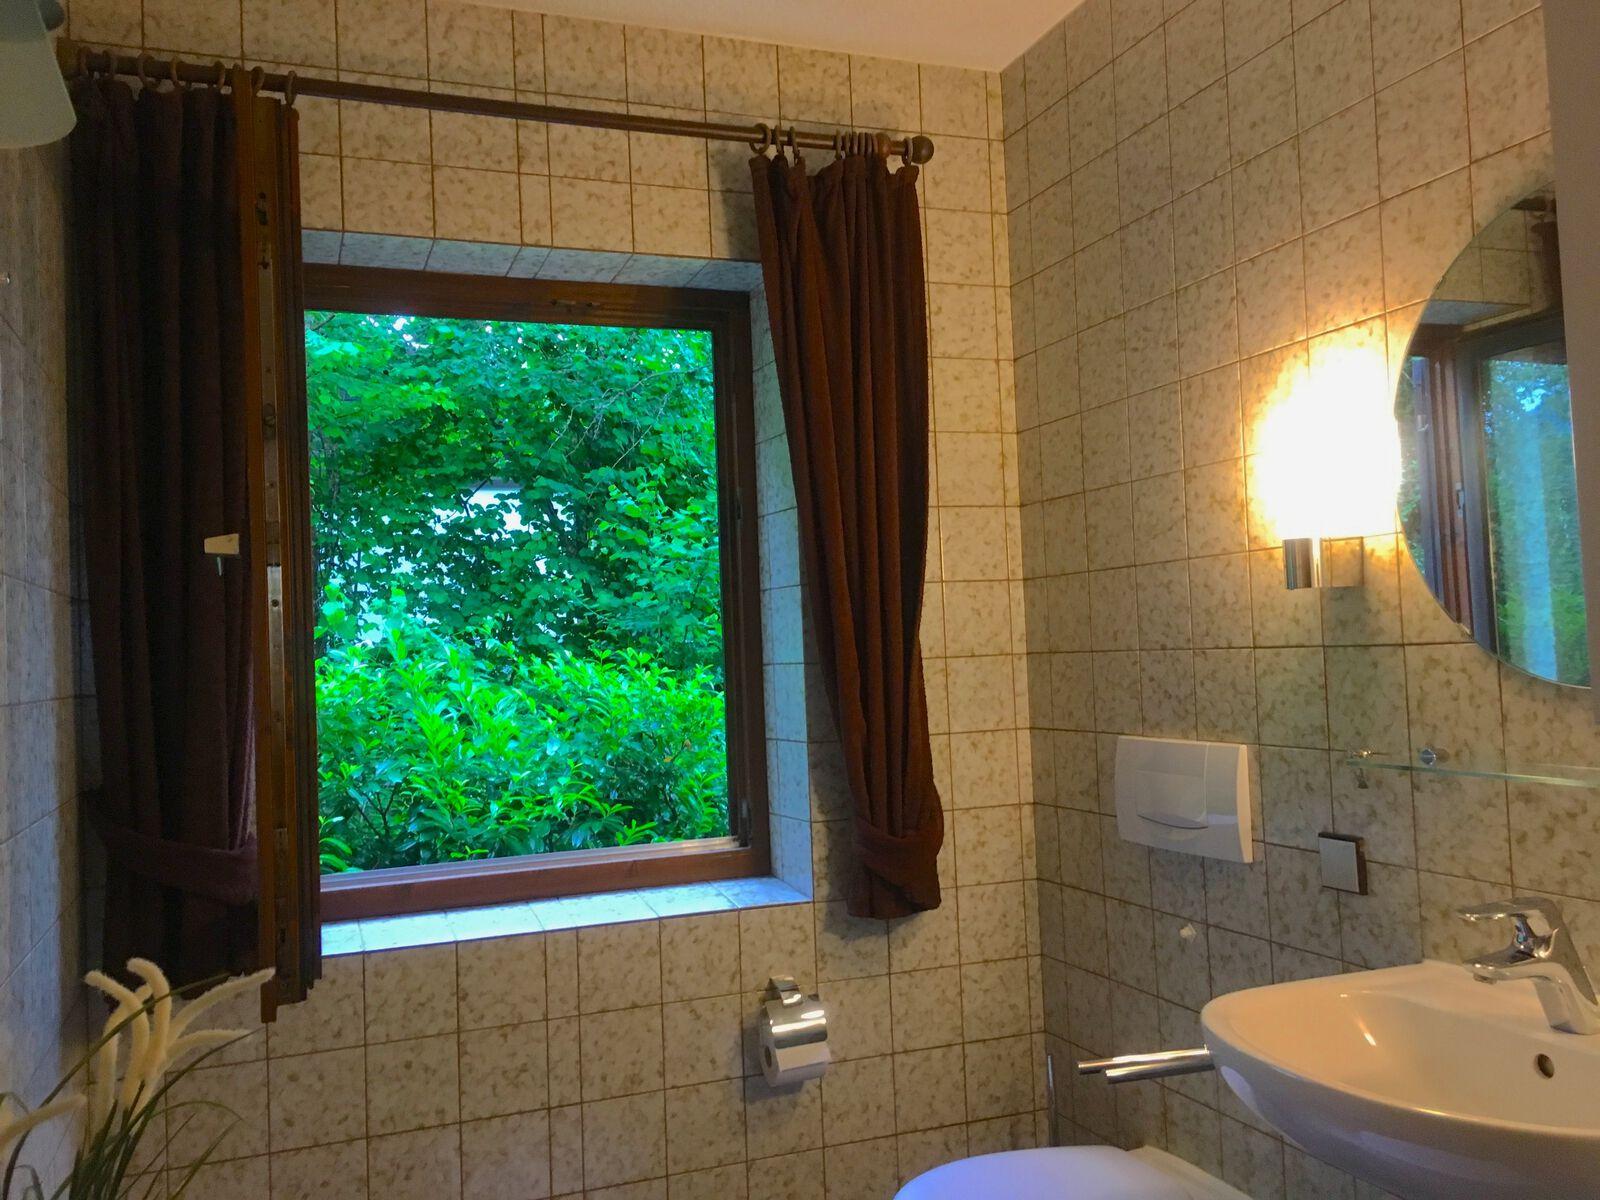 Badezimmer 2 im EG:Badezimmer mit Dusche.